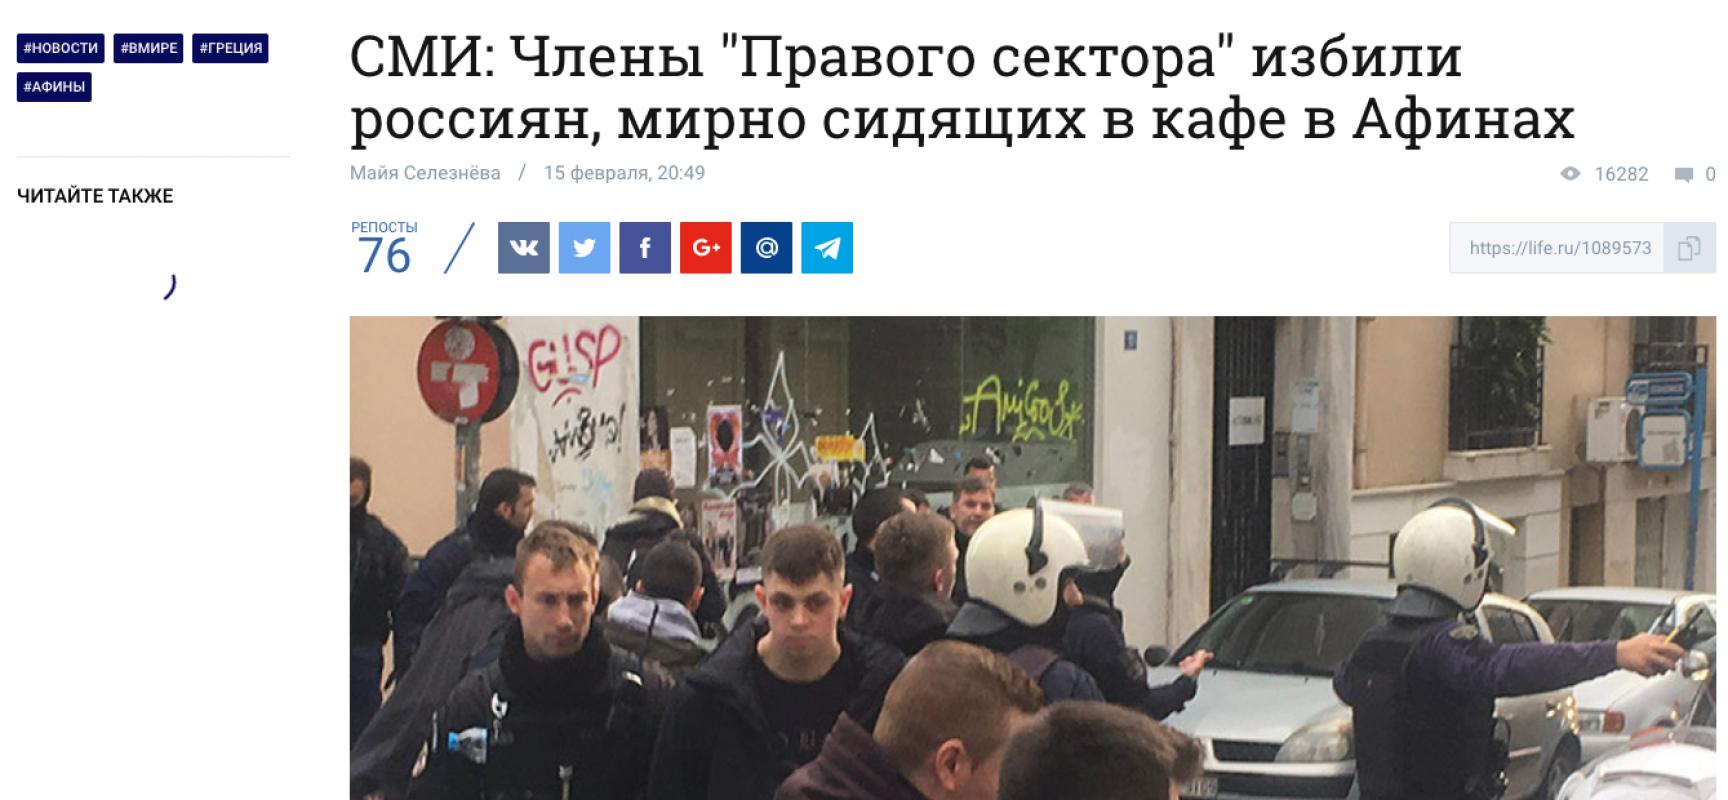 """Fake: Membri di """"Praviy sektor"""" hanno picchiato pacifici russi ad Atene"""